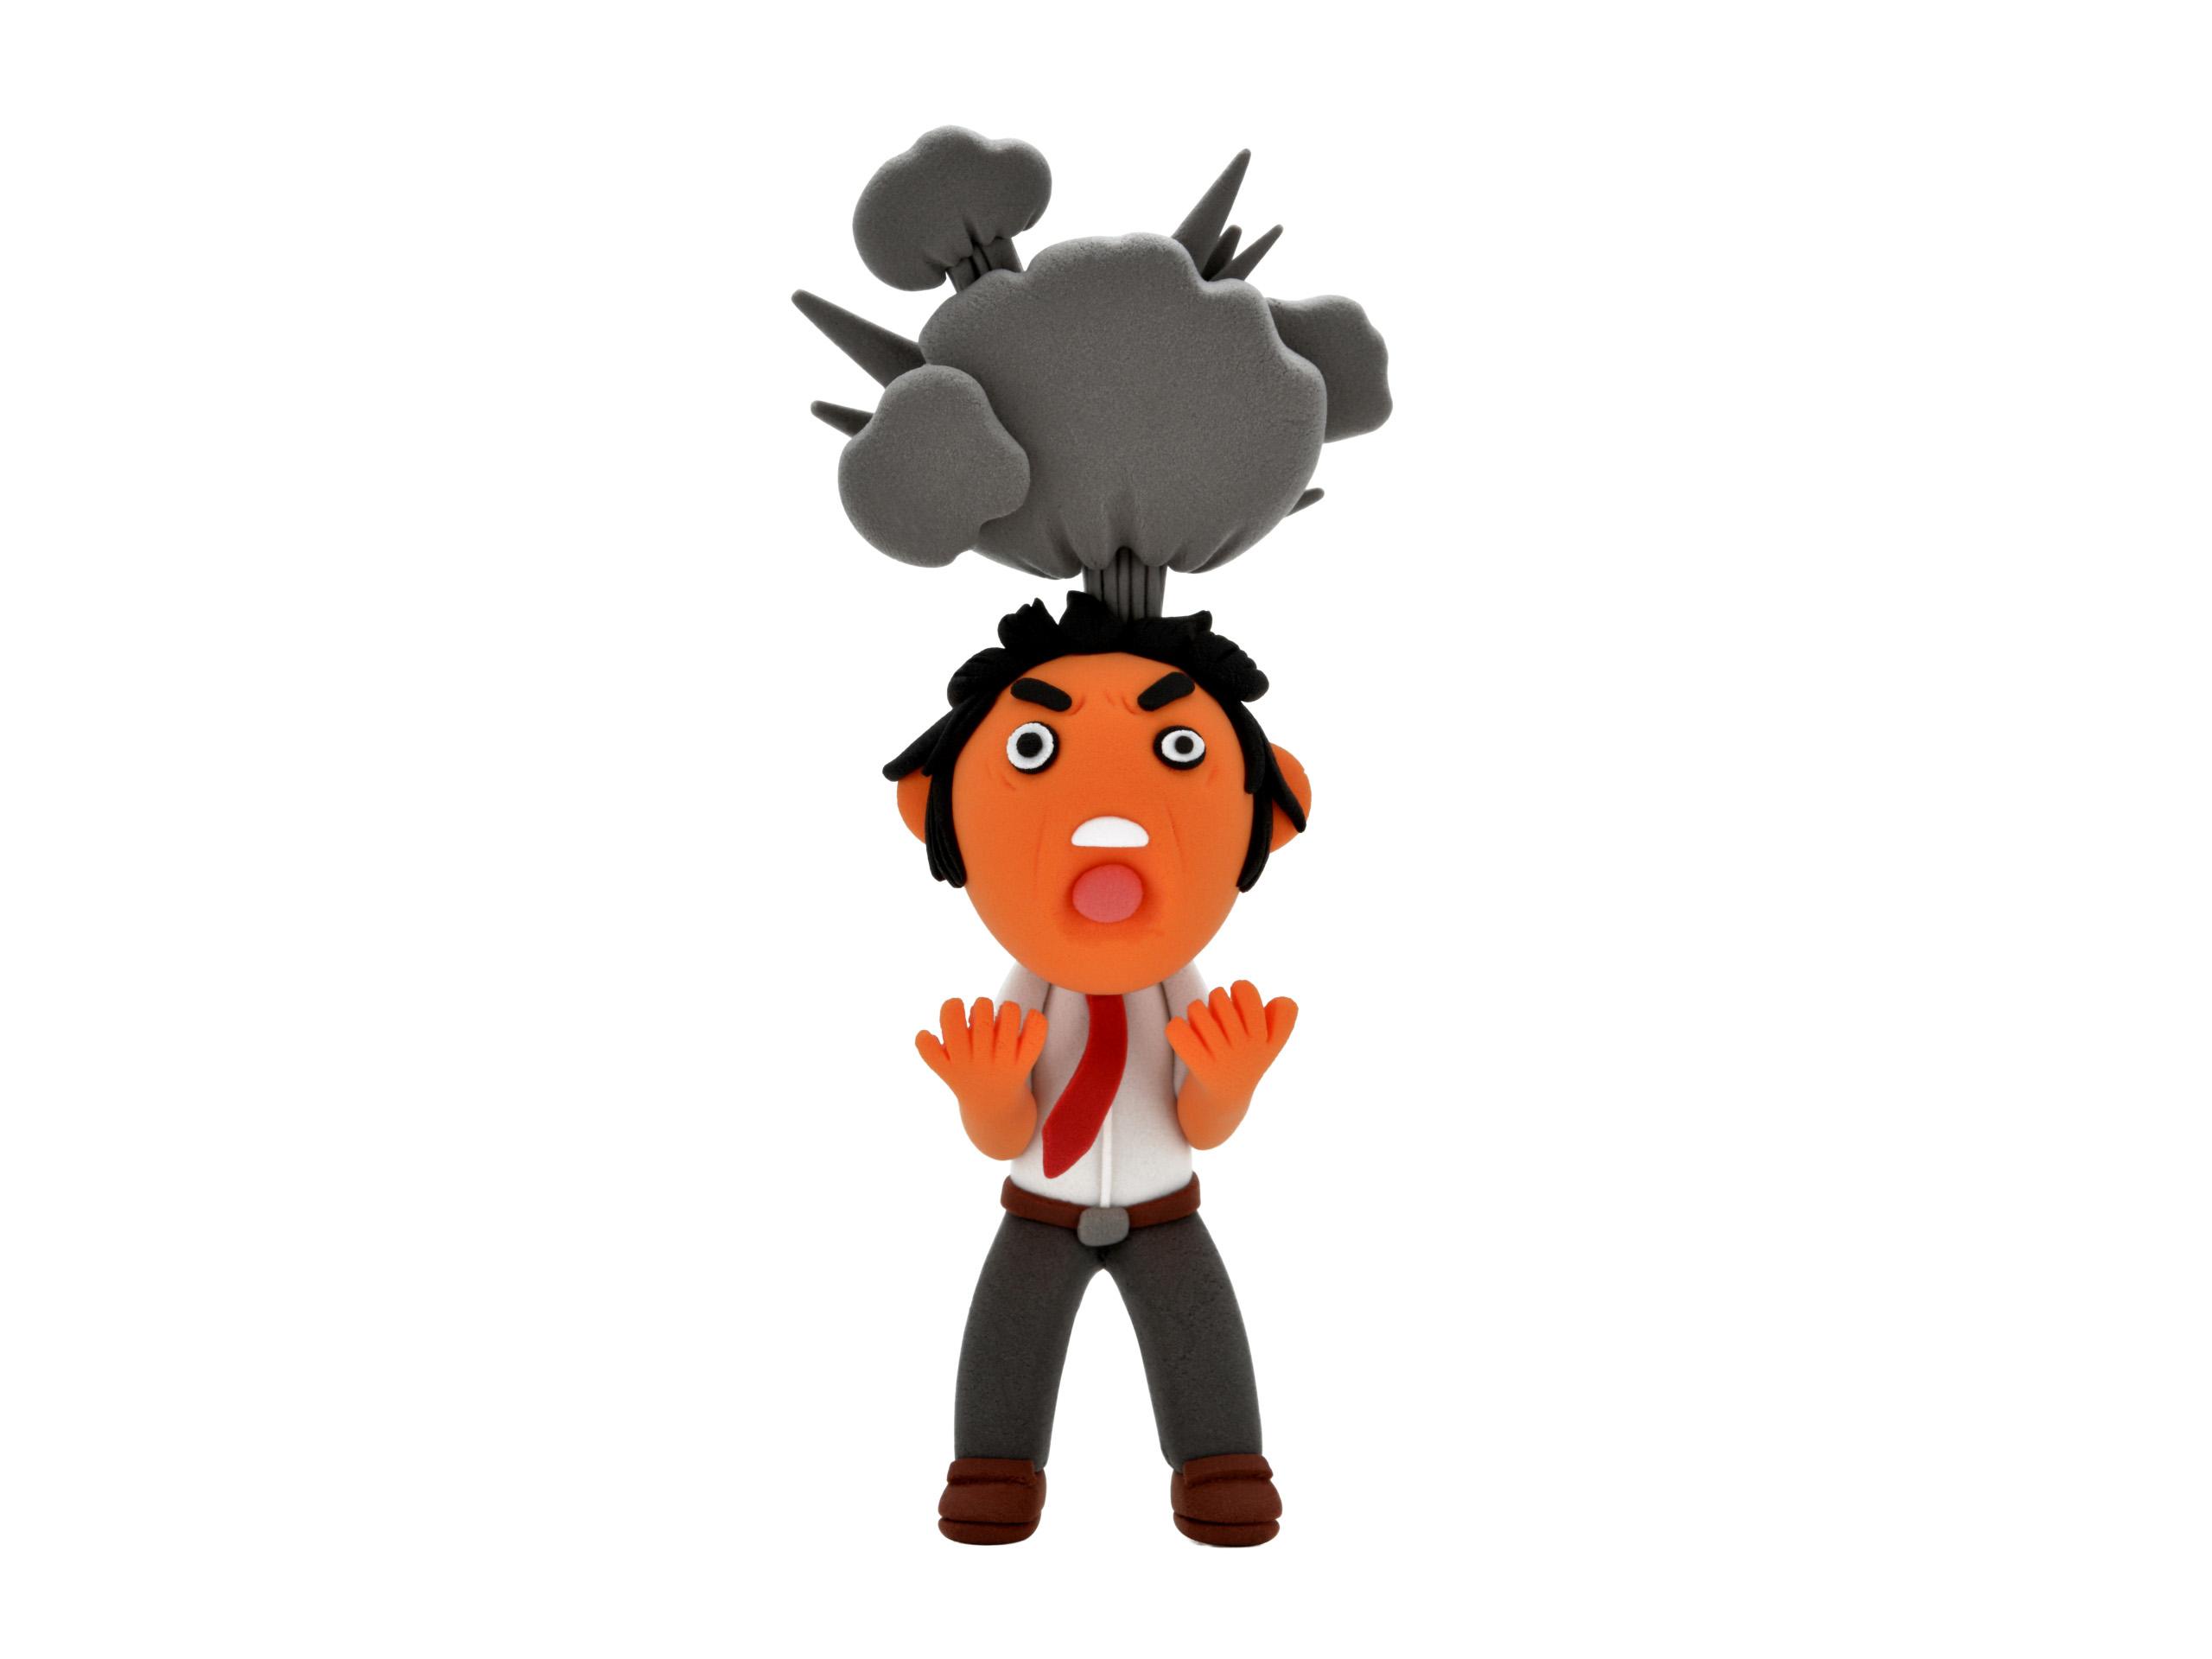 「怒り」をコントロールする。その方法とは?